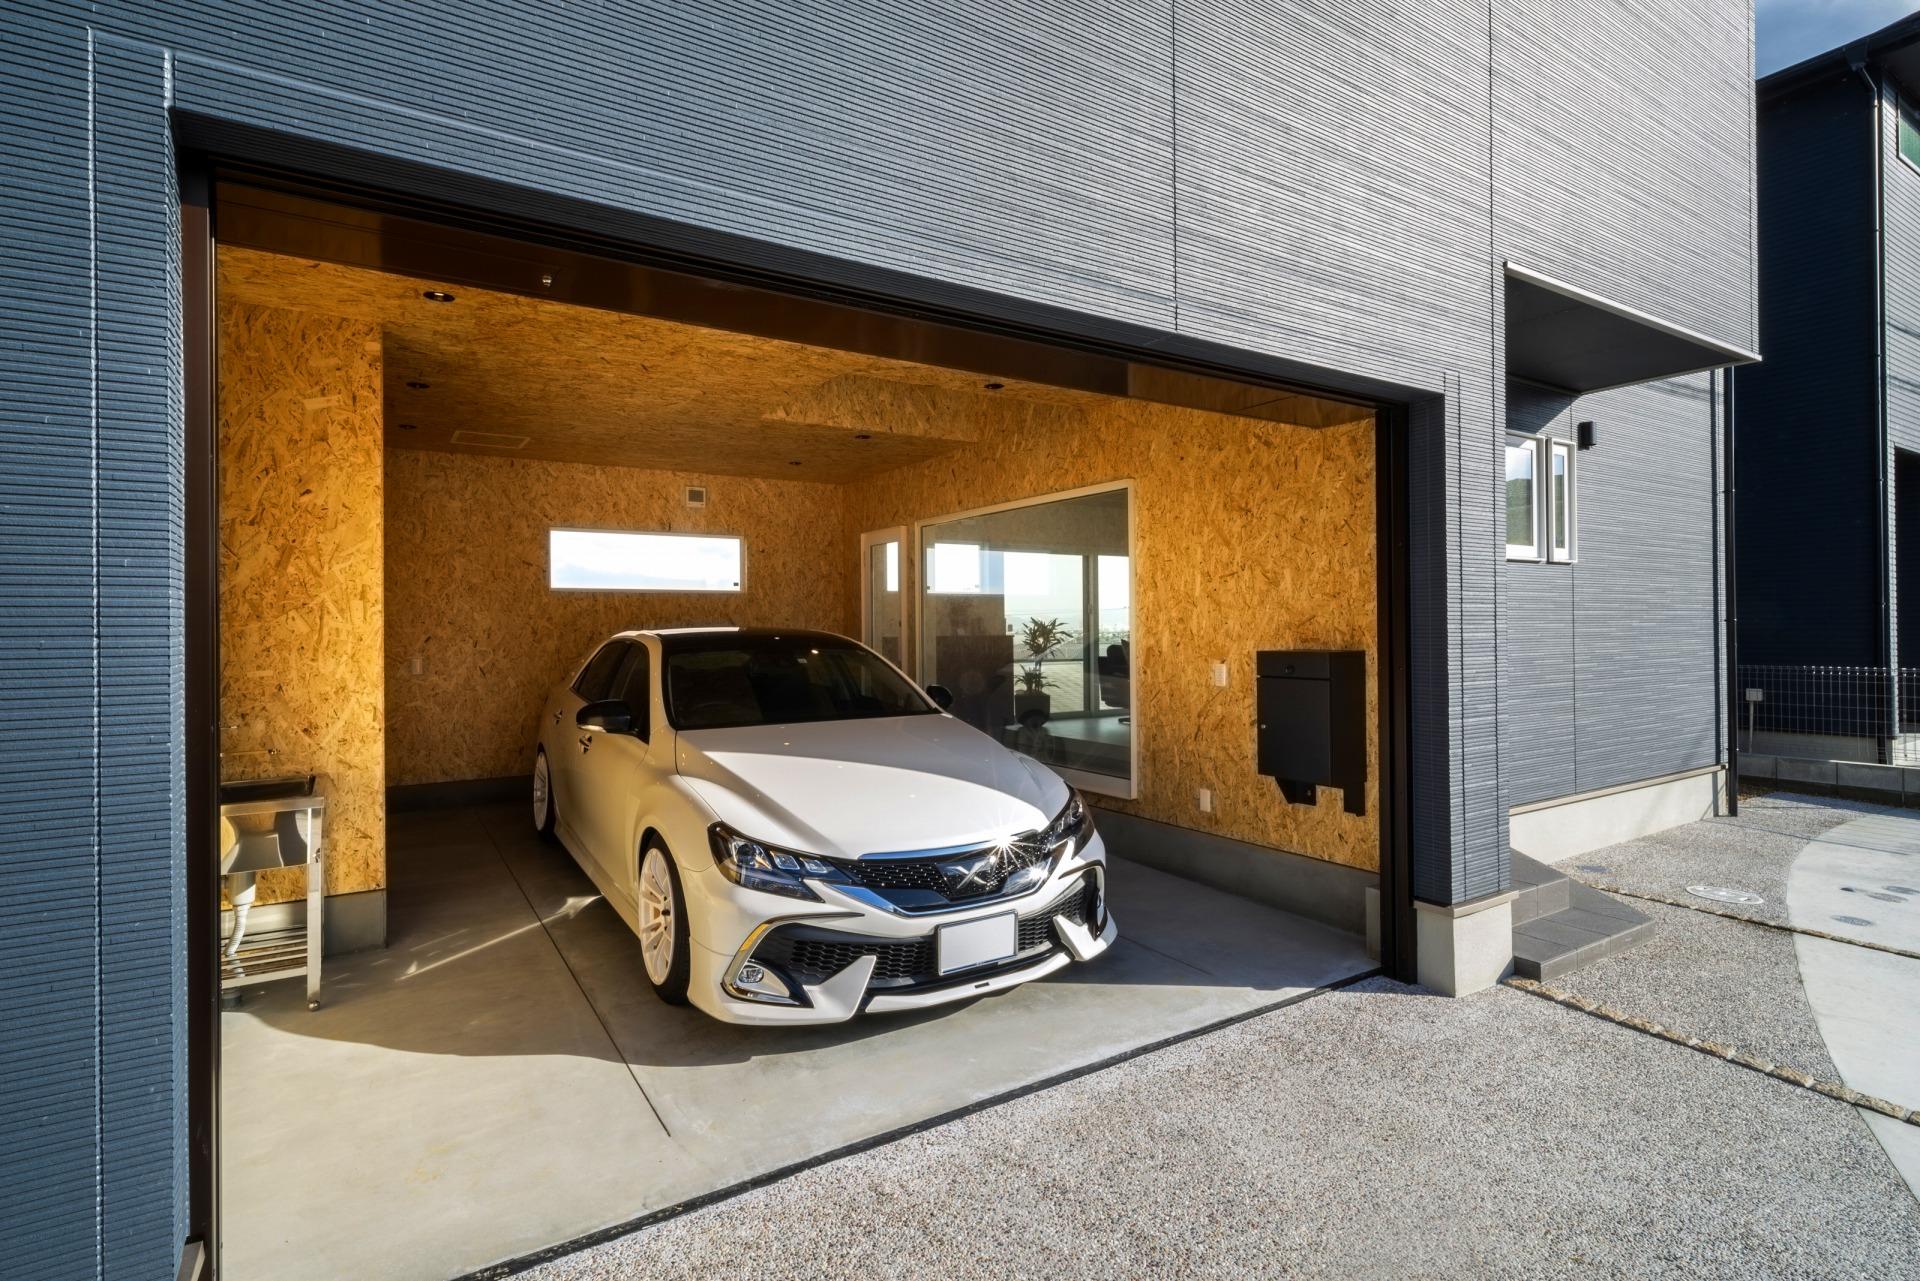 趣味の車を眺めるガレージハウス